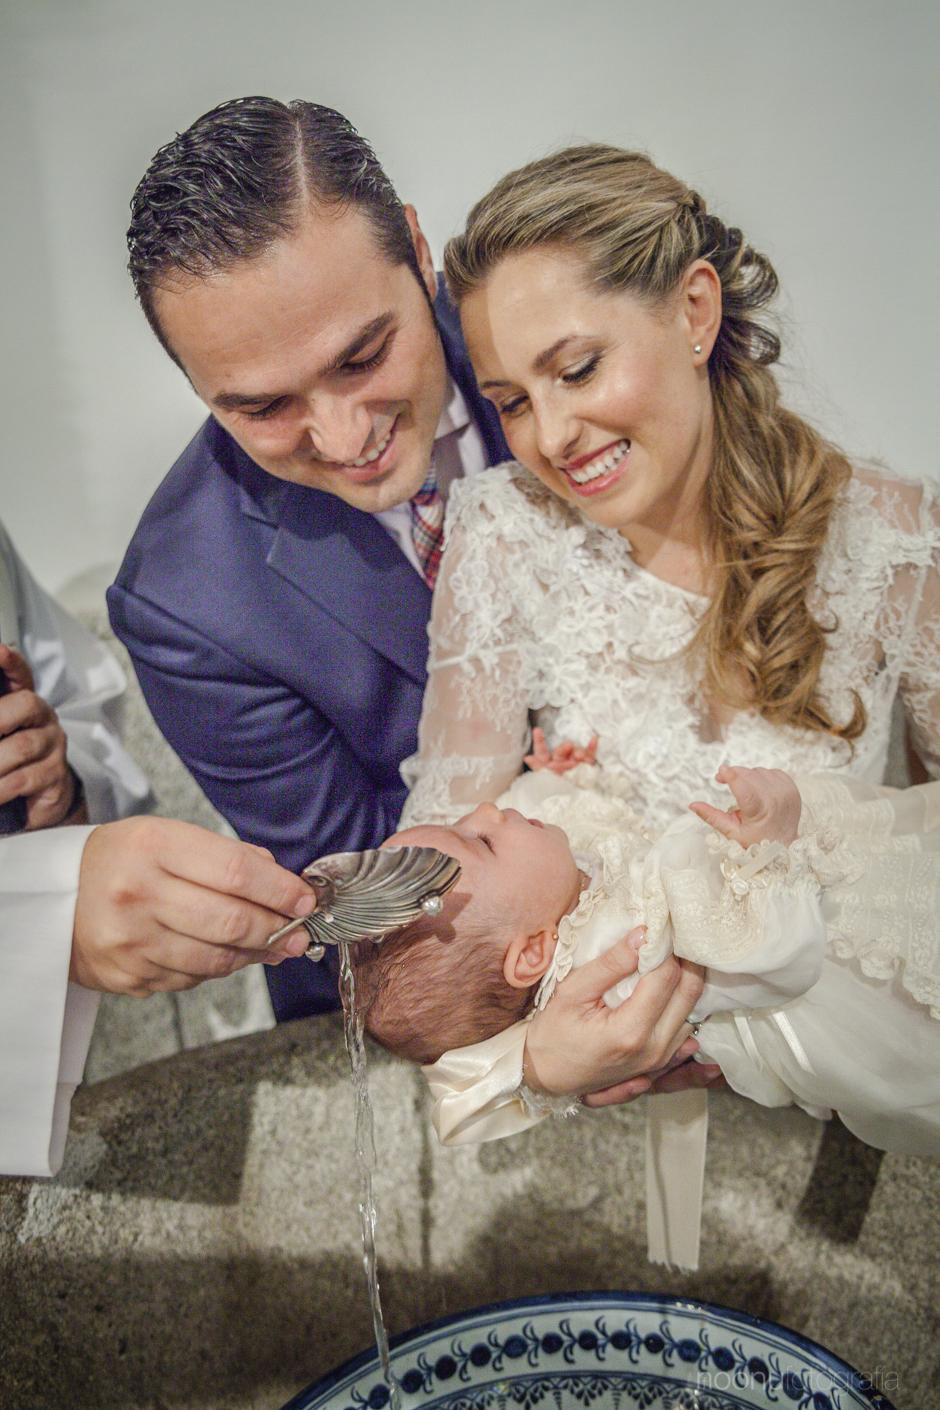 Noonu-fotografo-bautizo-madrid-Valentina 13